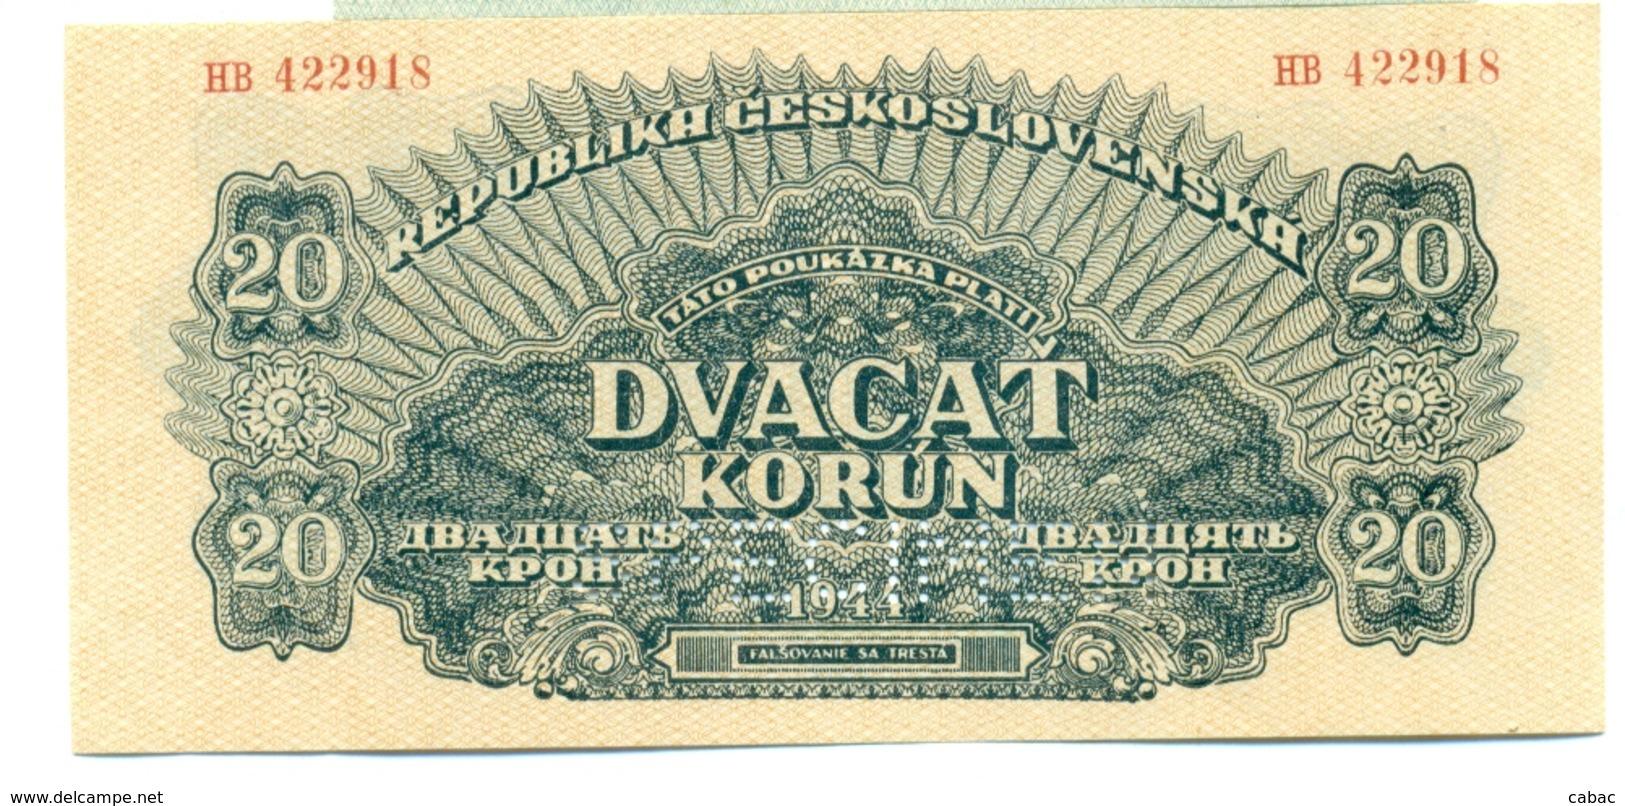 Czechoslovakia, 20 Korun, SPECIMEN, 1944, HB, Occupation, Ww2, Banknote, Czech, Slovakia, Bohemia, Moravia - Tchécoslovaquie